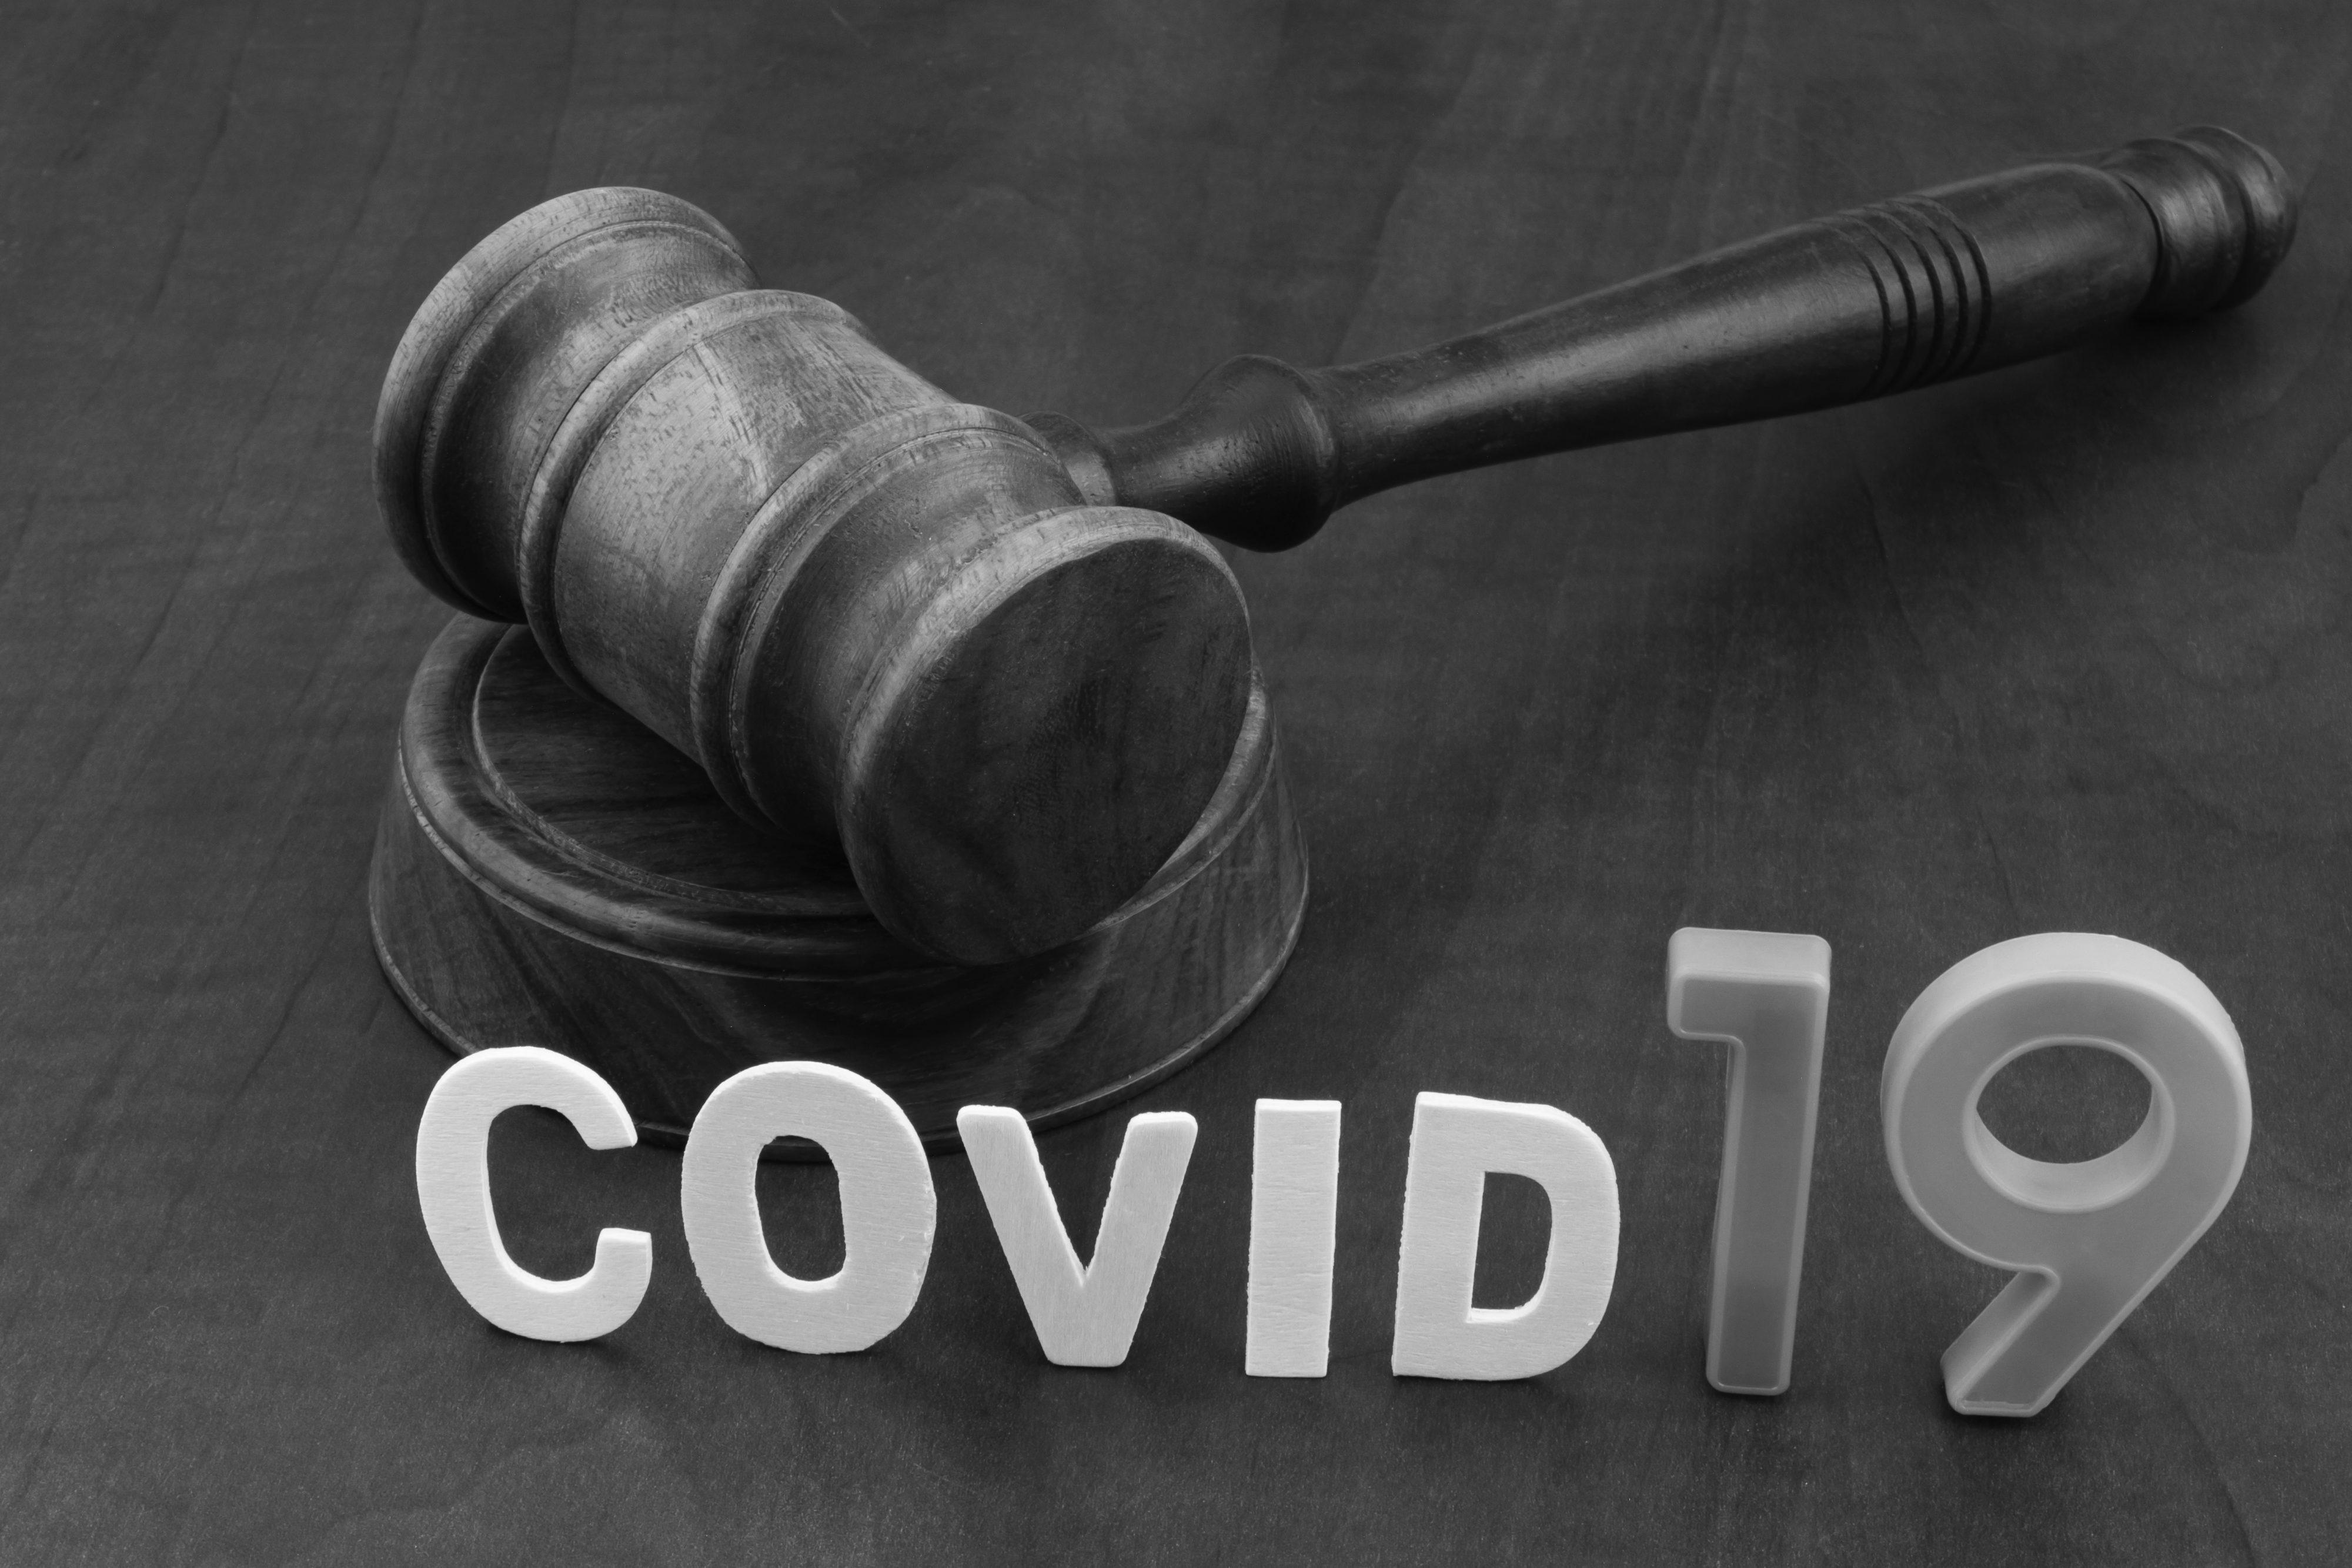 covid-19-court-4000x2667.jpeg